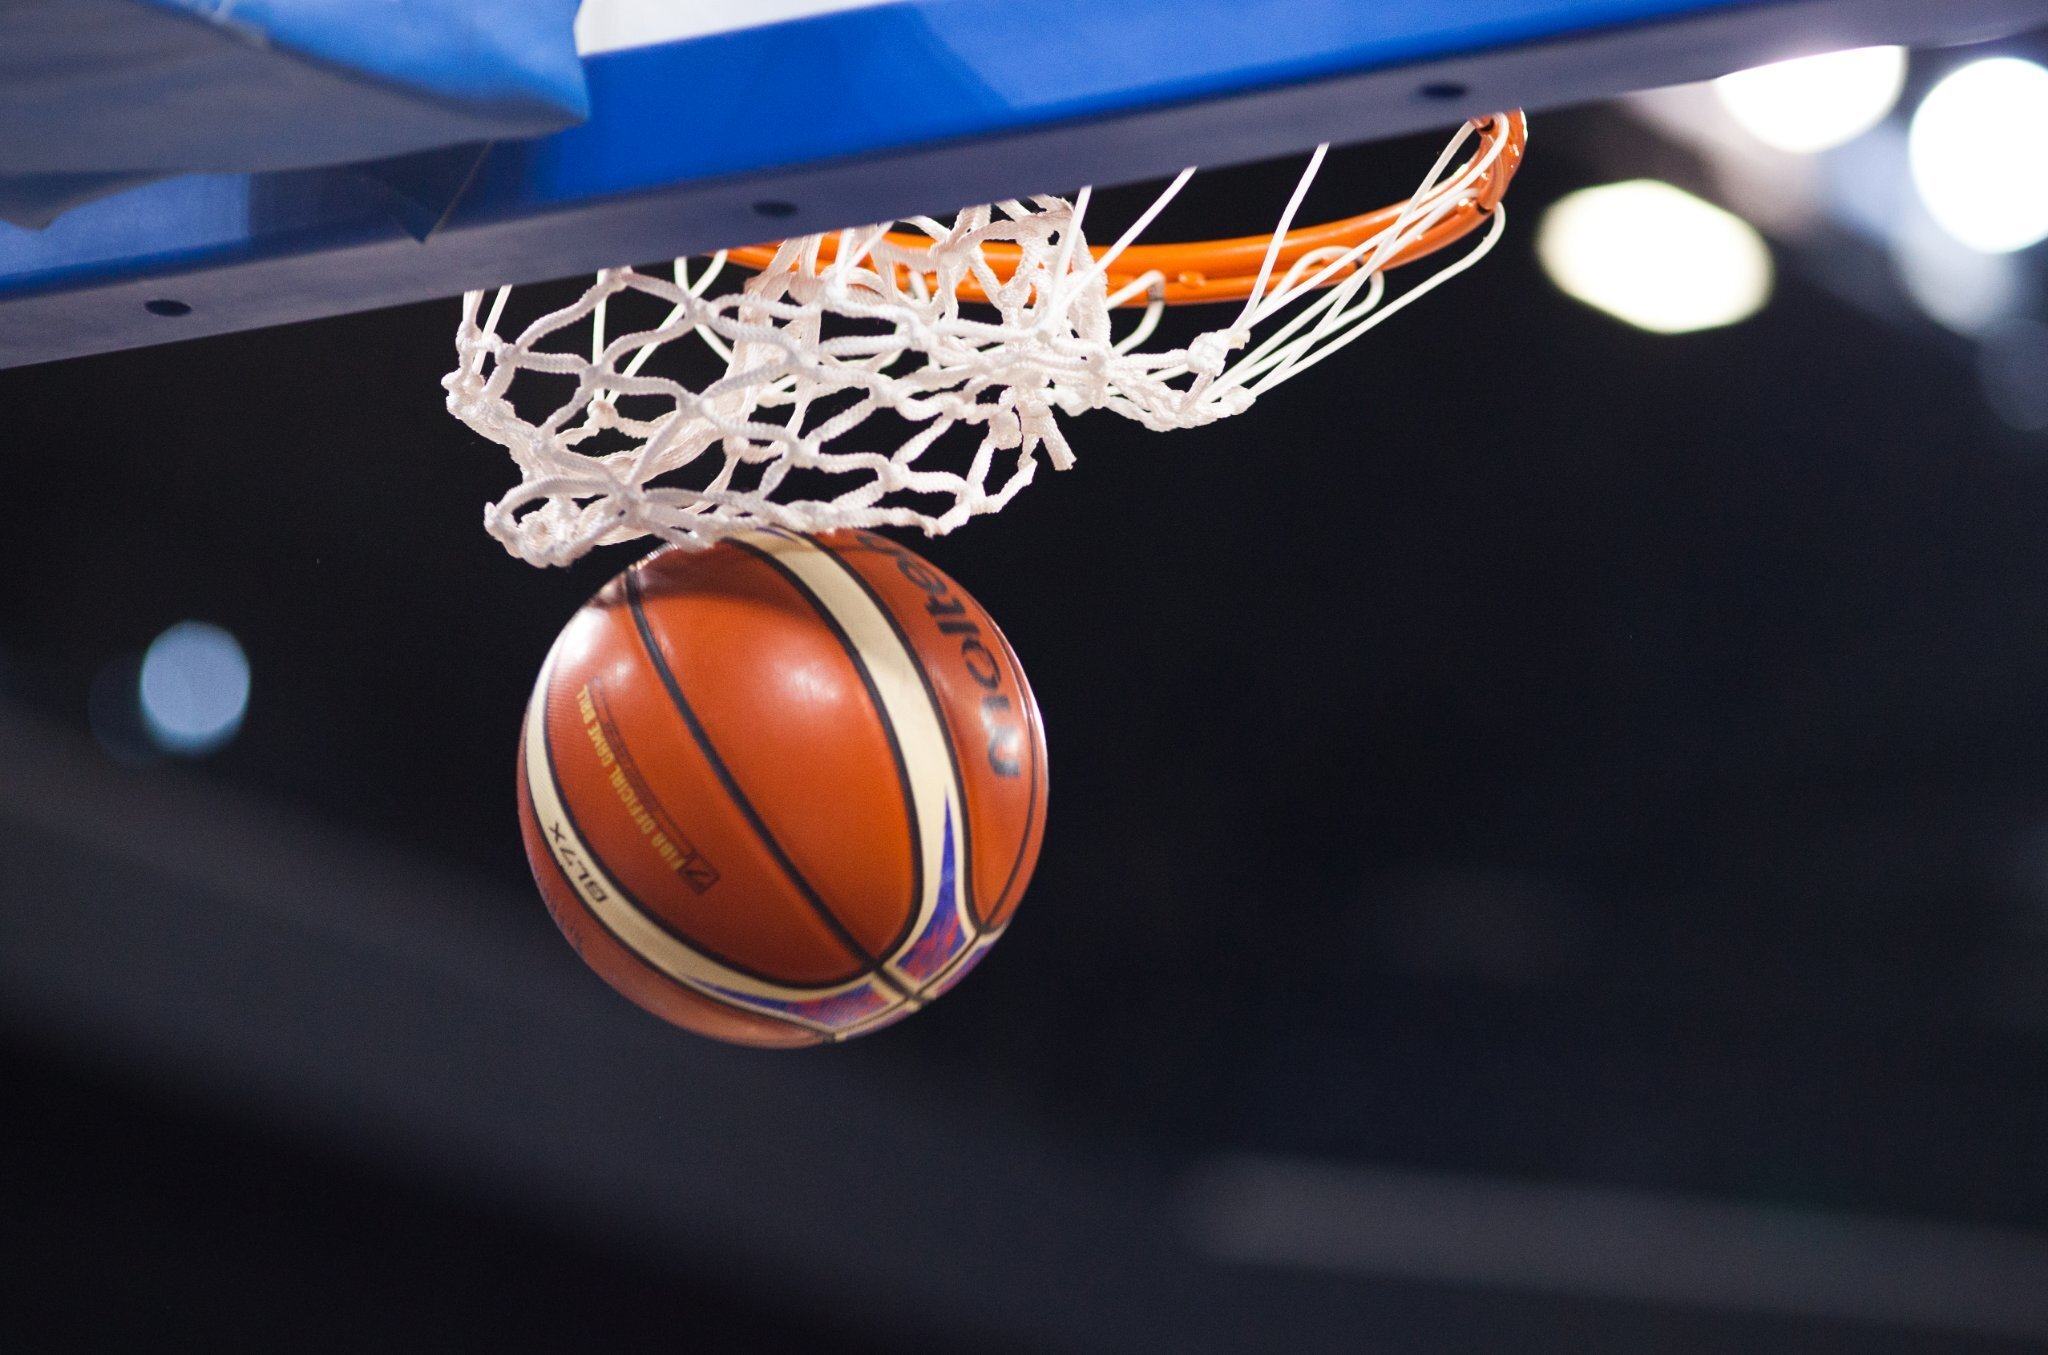 FIBA Dünya Kupası'nın statüsünü, grup analizlerini, fark yaratacak oyuncularını sizler için derledik…